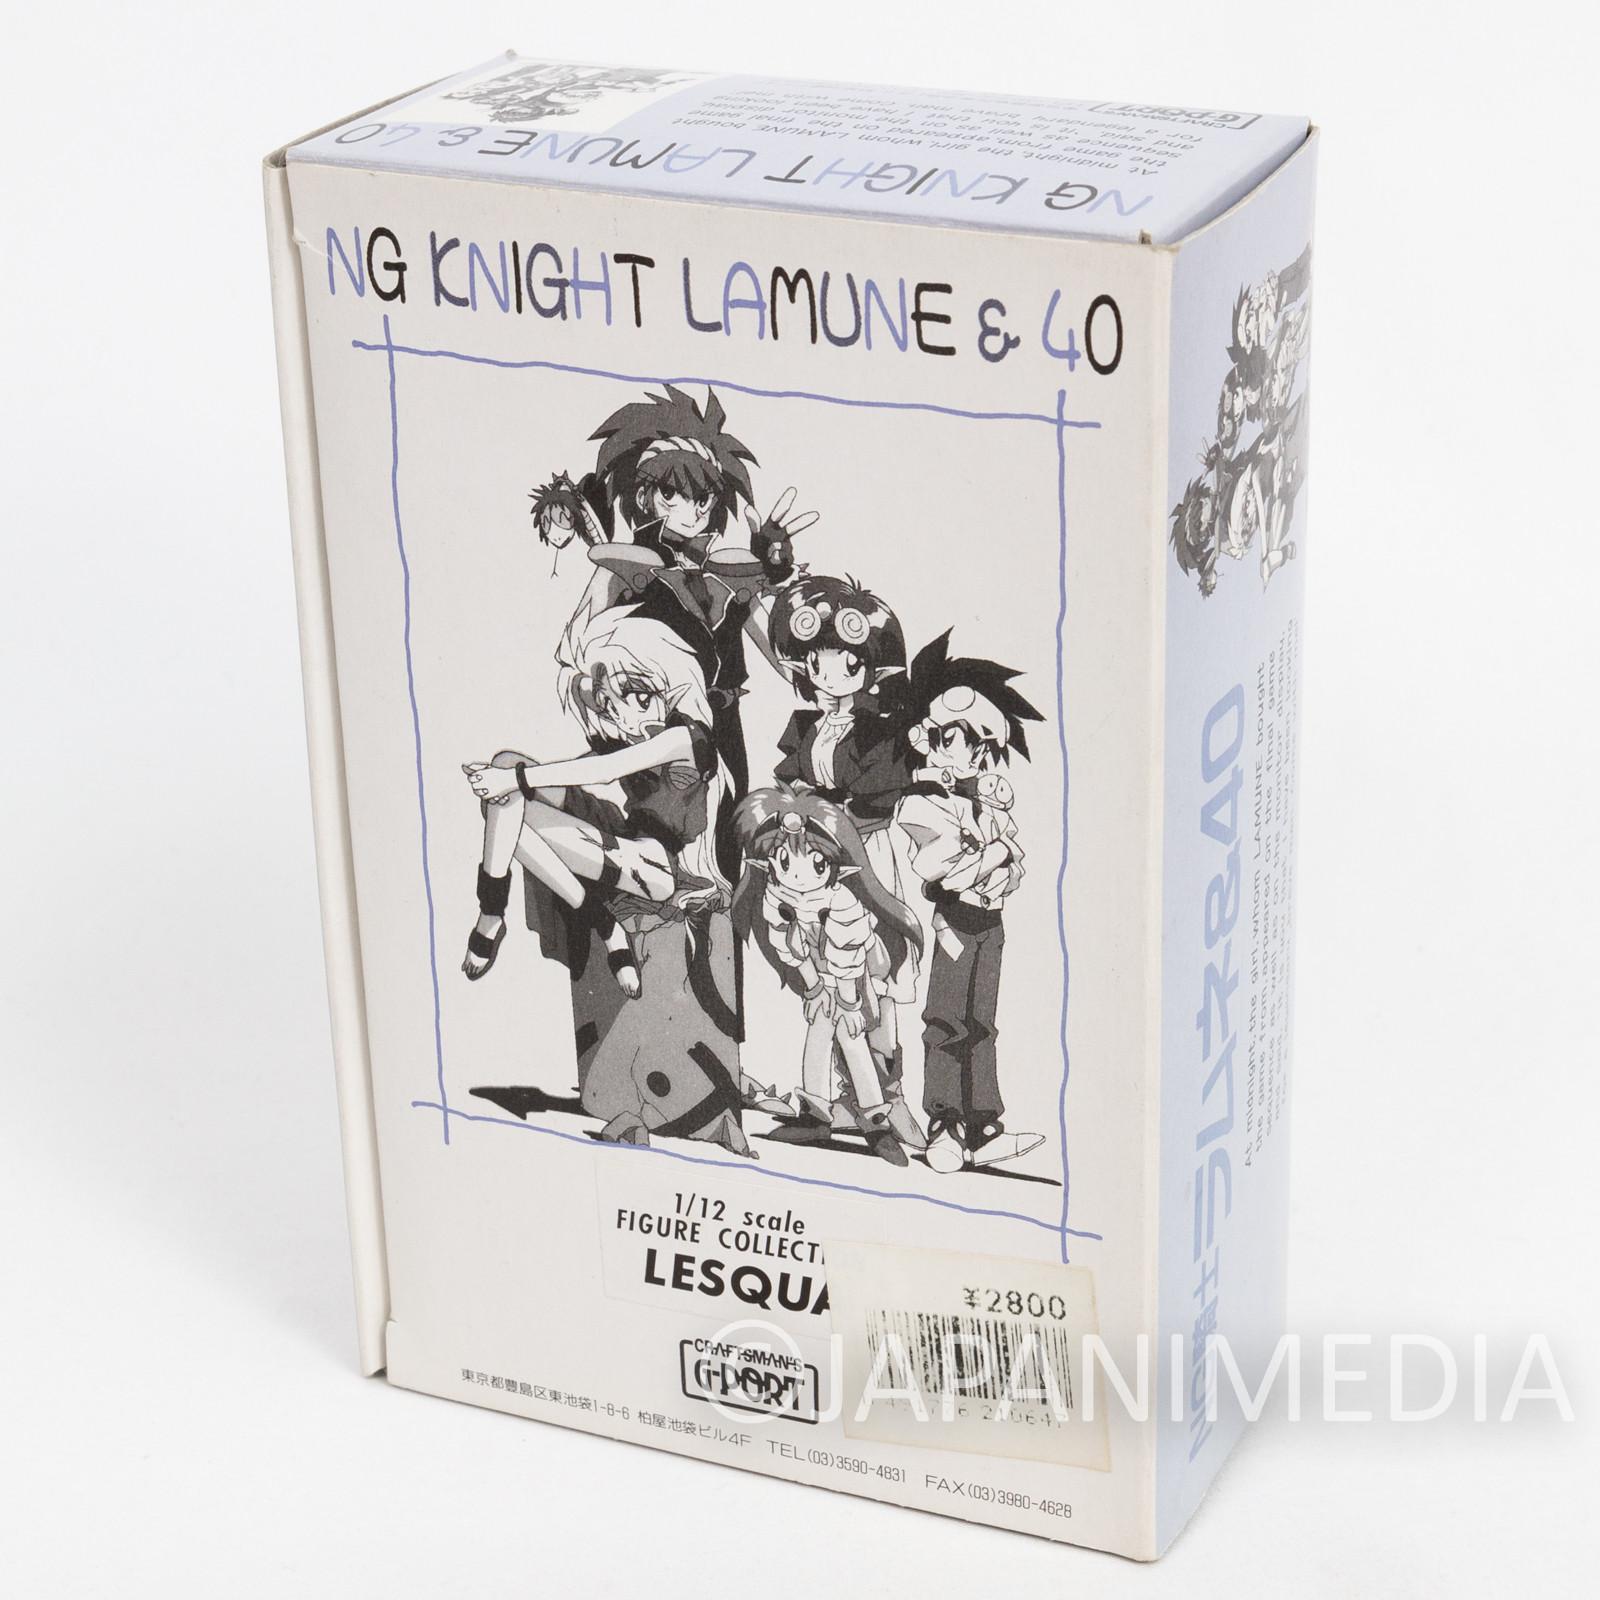 NG Knight Lamune & 40 Leska Lesqua Resin Cast Model Kit 1/12 Scale JAPAN FIGURE